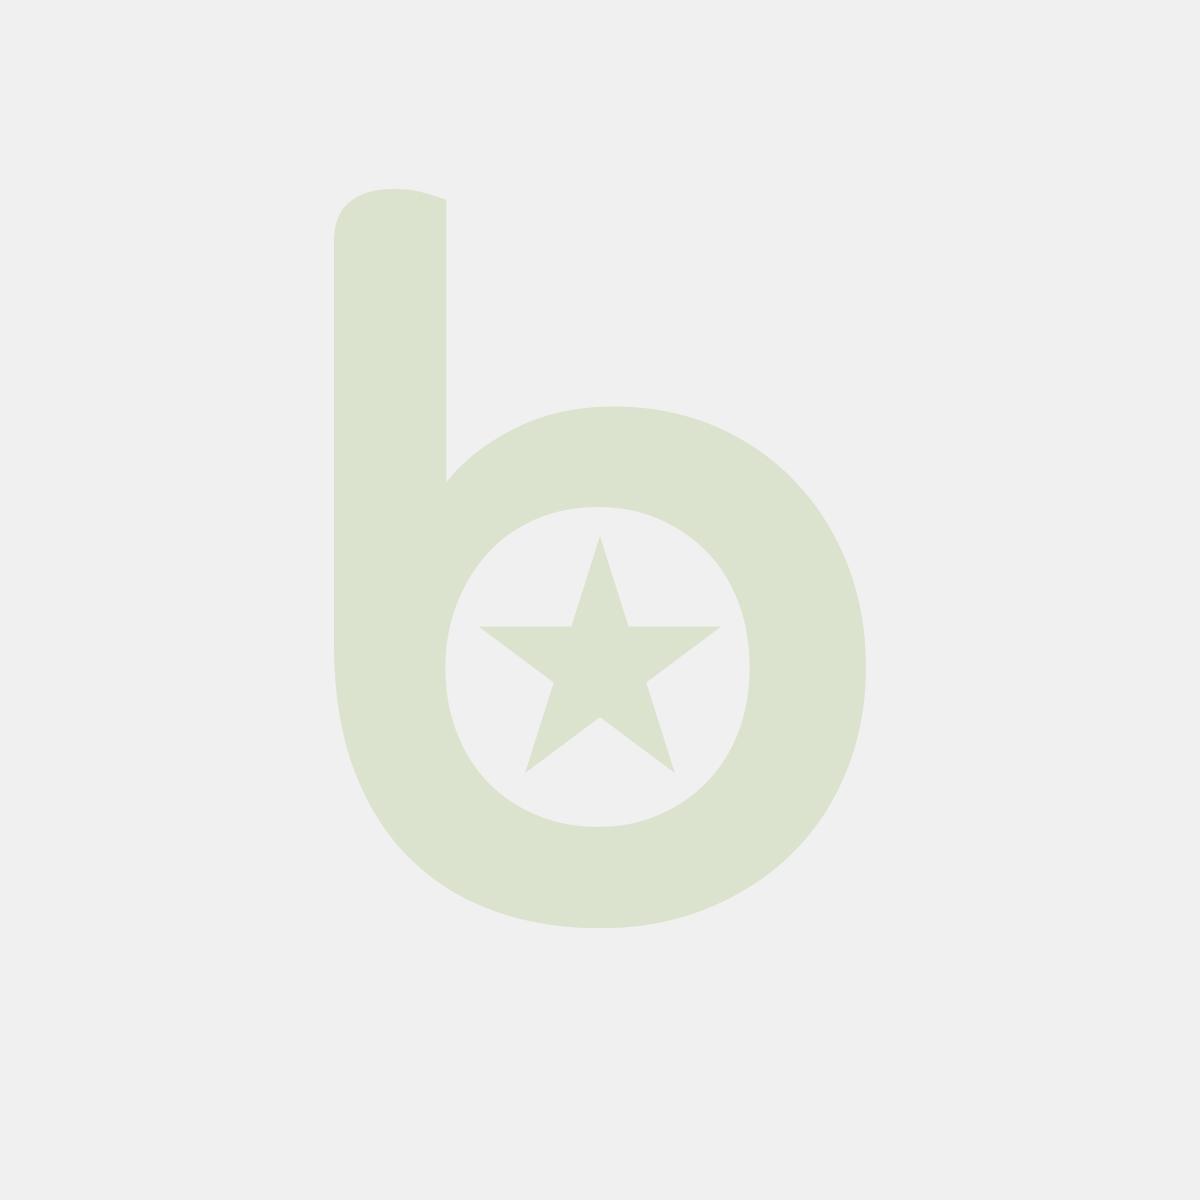 Tork Nexxstyle® biała serwetka obiadowa 39x39cm opakowanie 50szt